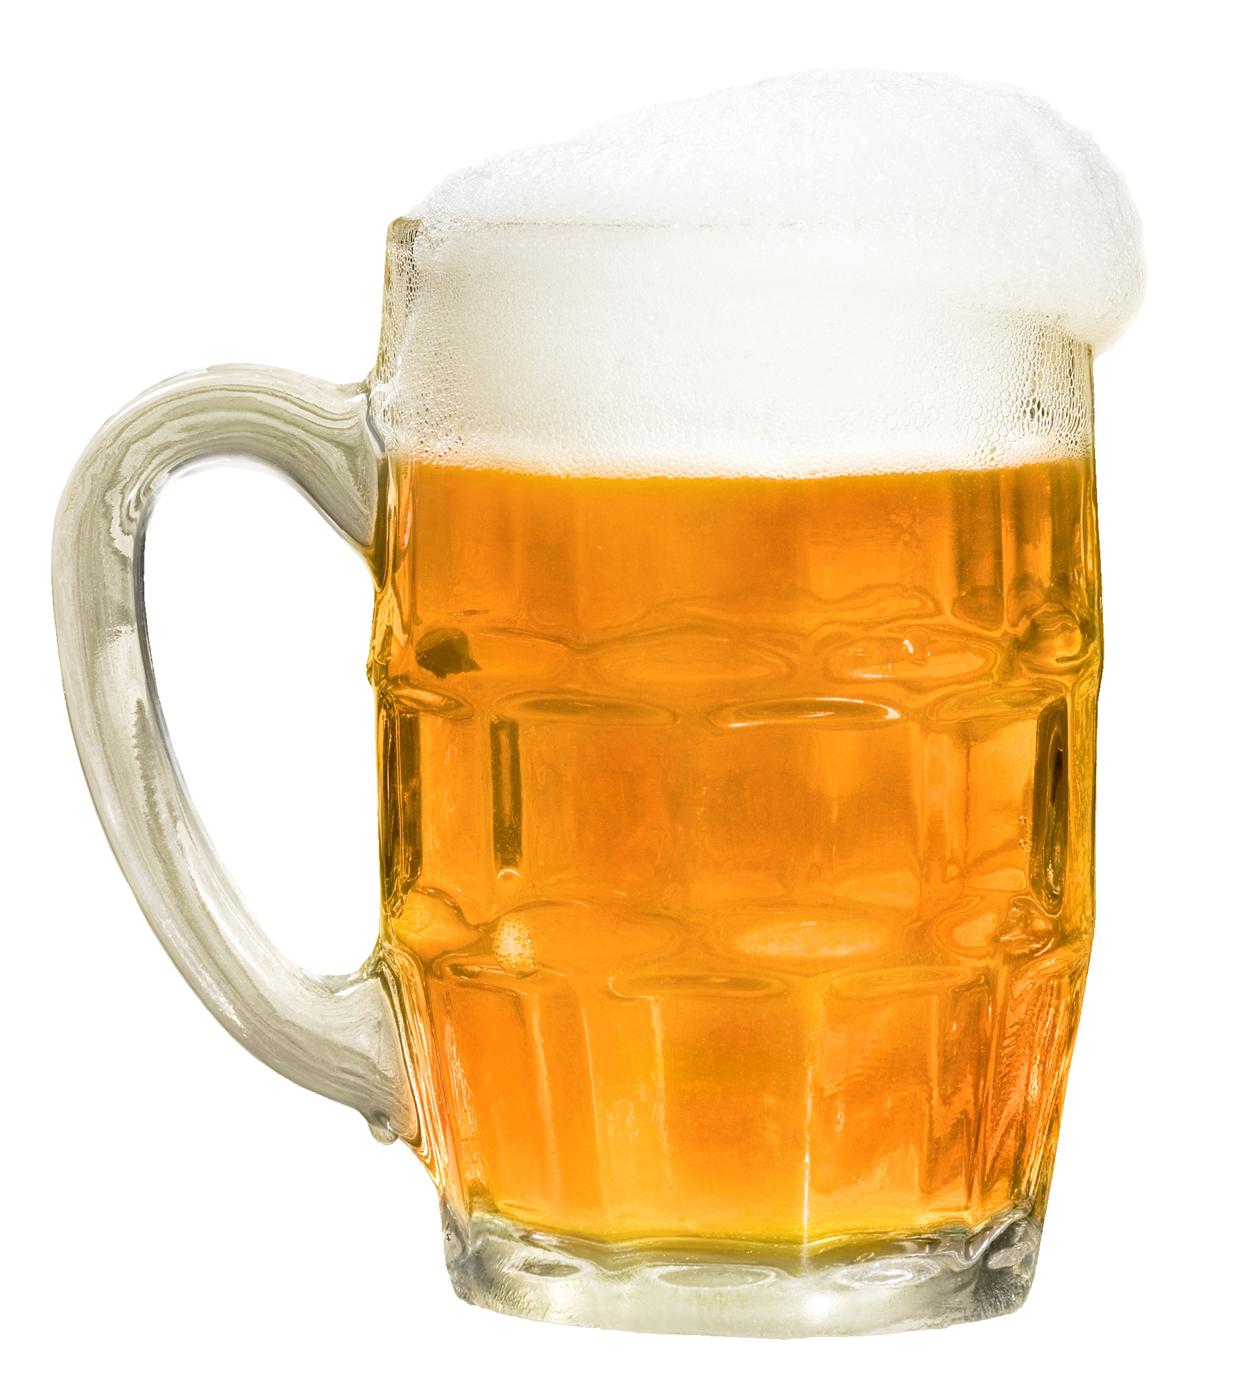 Beer Mug PNG Transparent Image #48214.